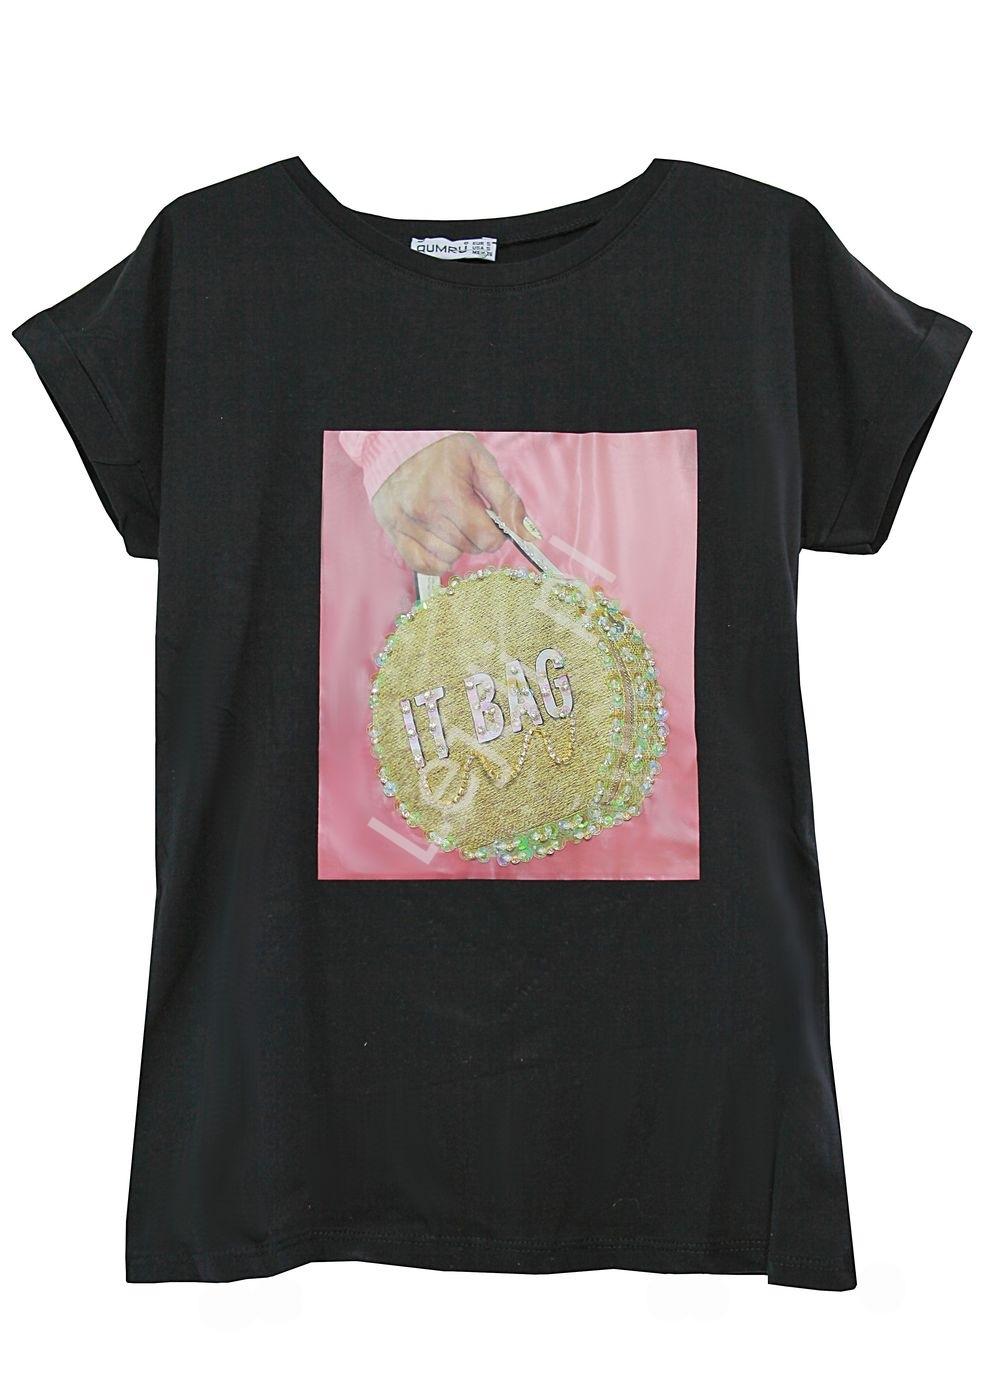 Image of Bawełniana koszulka damska z zdobiona torebką- it bag